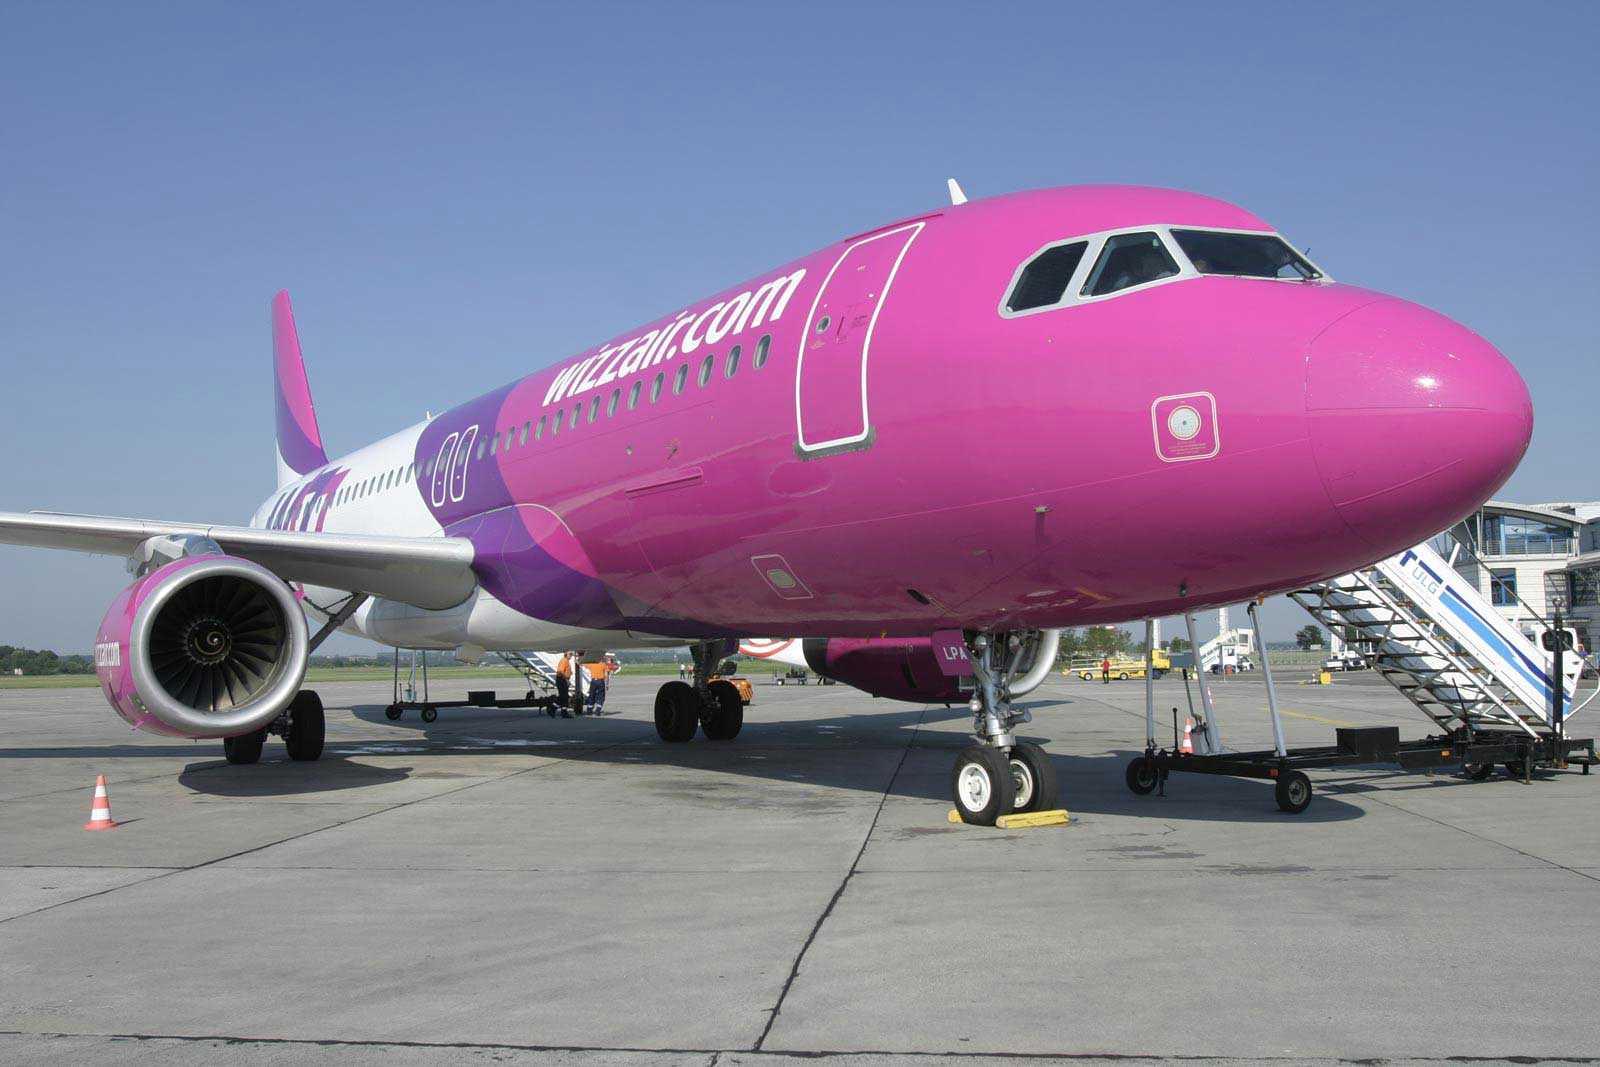 Polsk-ungerska flygbolaget Wizz Air vill ha tio euro för större kabinväskor – även om de ryms i bagagehyllan.